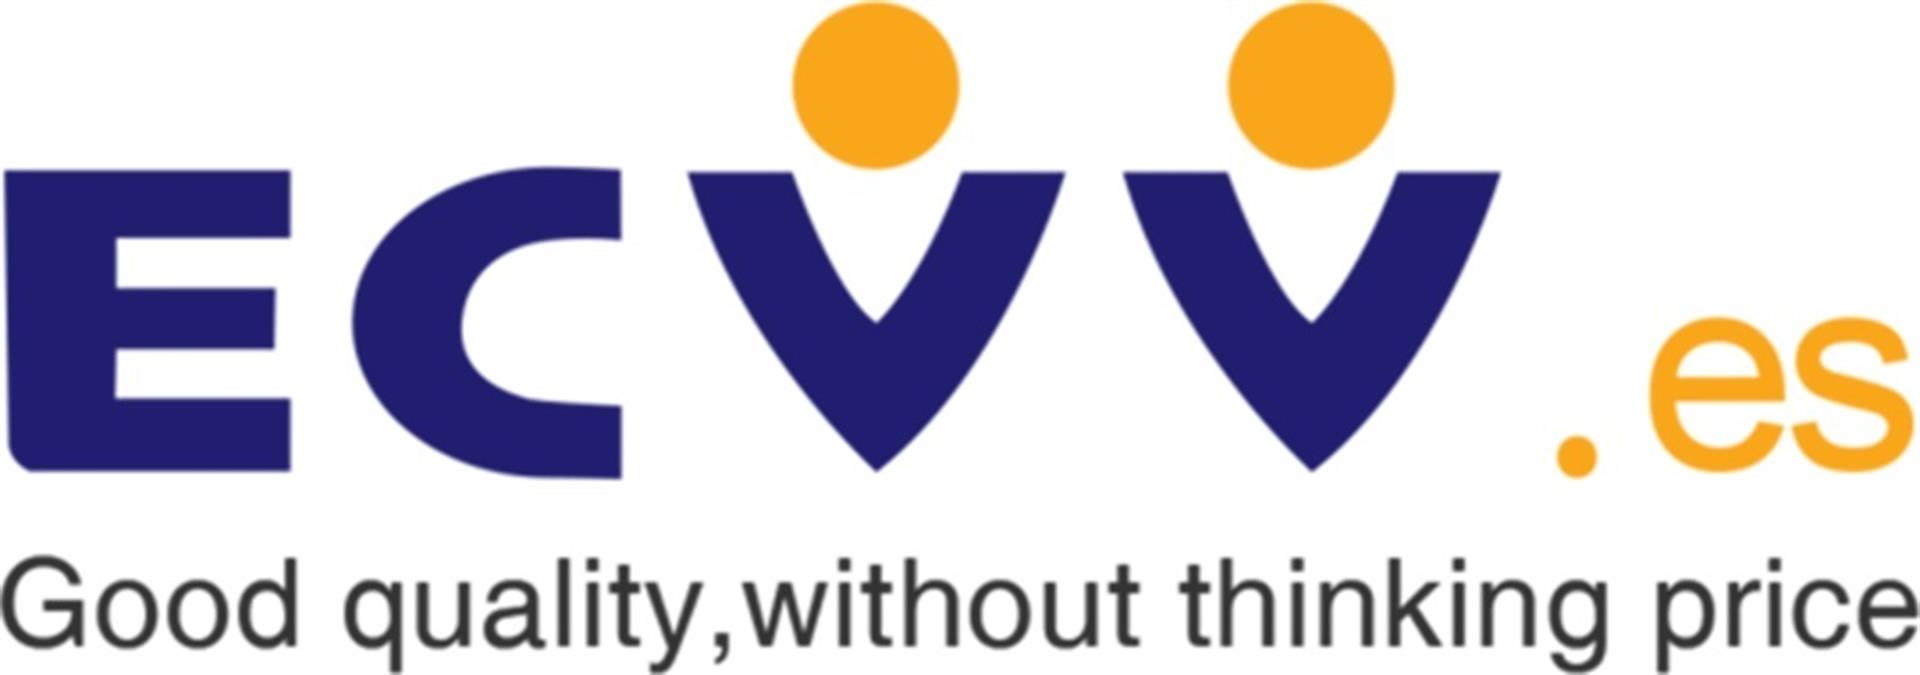 ecvv.es provee un servicio de abastecimiento de productos MRO rentable y único para compradores globales.